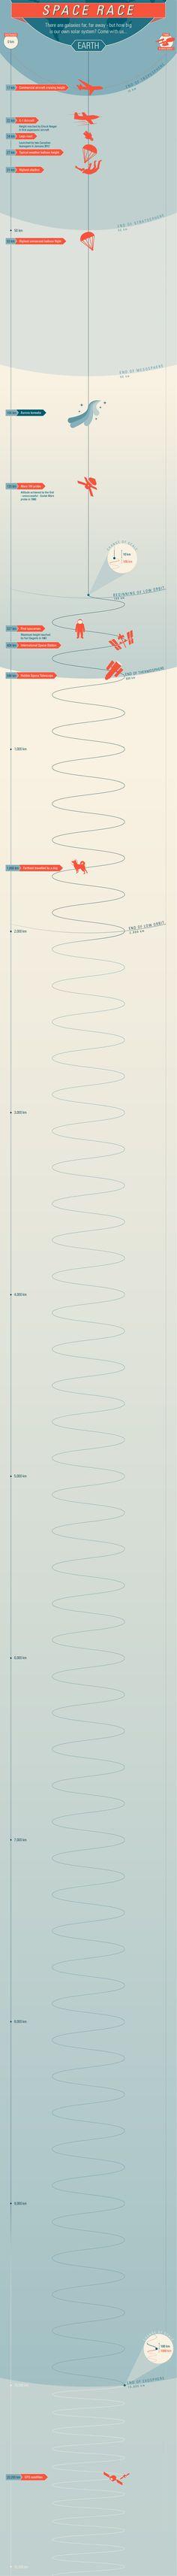 Das Kraftfuttermischwerk » Das Sonnensystem als Infographik